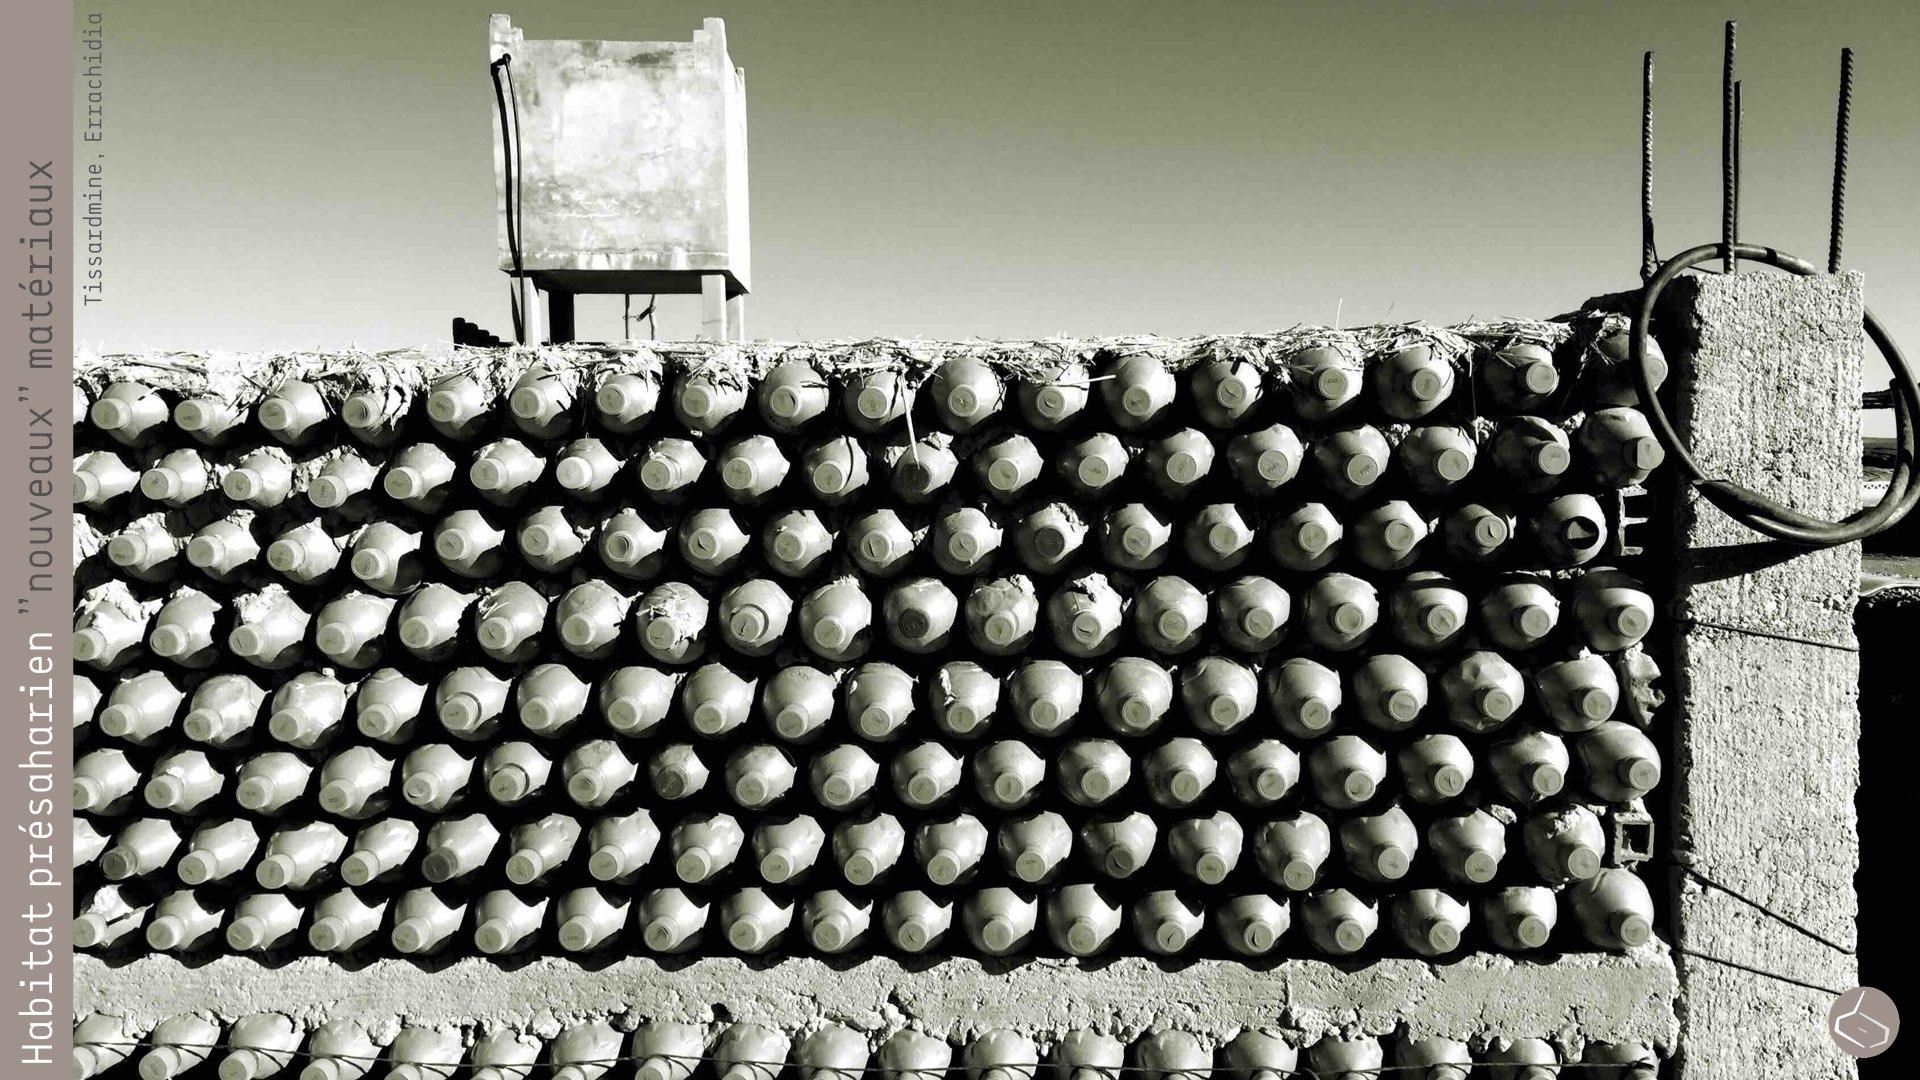 88. On devrait aussi explorer les possibilités d'autres matériaux qui non seulement se trouvent facilement dans certaines régions, si non qu'en plus, créent pas mal de problèmes. Et si l'on construisait avec un matériau qui a, pratiquement, le même coefficient de transmission thermique que la terre? Et si l'on construisait en sable? Café Tissardmine est en train de faire des murs avec des bouteilles en plastique remplies avec du sable. Le défi que nous voulons mener serait de construire des murs en terre et sable…       88. It should also be explored the possibility of using other materials that are readily available in some areas and create a lot of problems. And what if we could build with a material that has practically the same heat transfer coefficient than earth? And if we could build with sand? Café Tissardmine is doing walls with plastic bottles filled with sand. The challenge we would like to carry out, would be to build walls with rammed earth and sand ...     https://www.facebook.com/marsaddraa/photos/?tab=album&album_id=1403355686551868